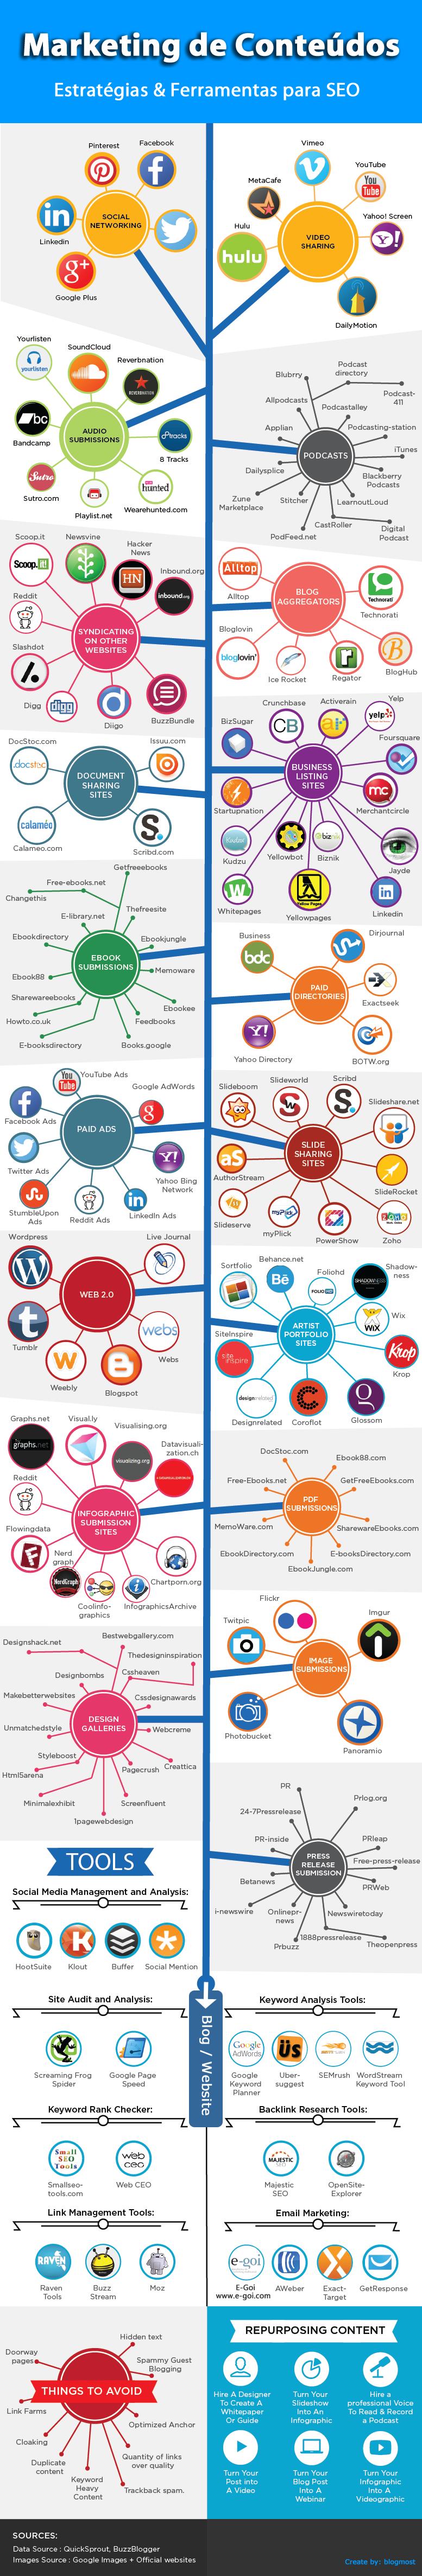 Marketing de Conteúdos como SEO e Link Building